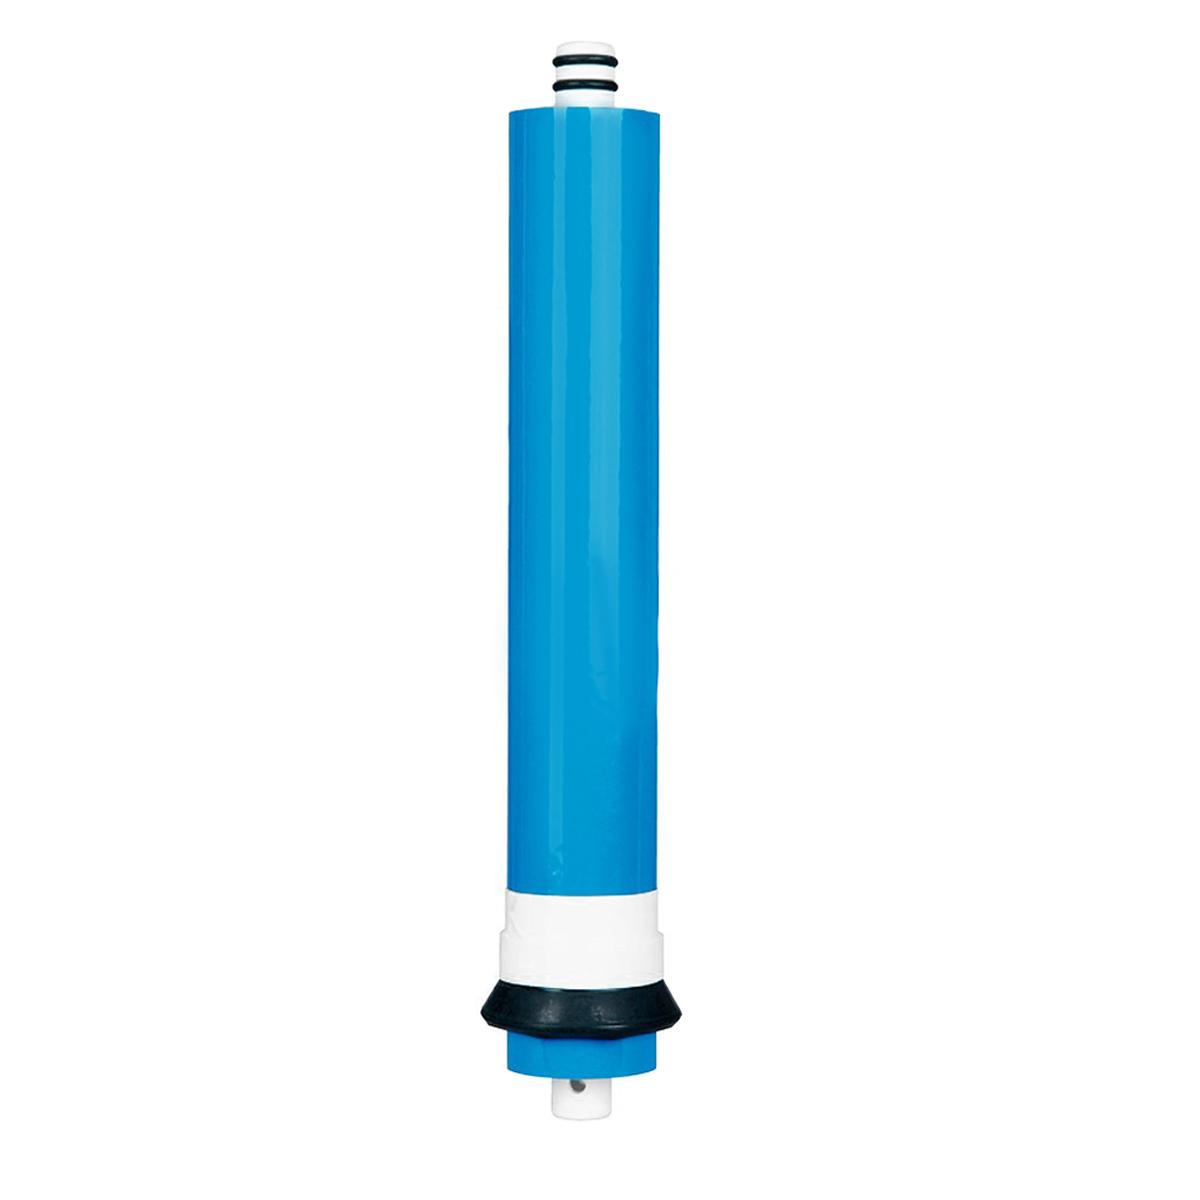 Обратноосмотическая мембрана Vontron 2012-100 для бытовых системBL505Обратноосмотическая мембрана Vontron предназначена для высококачественной очистки воды. Удаляет ржавчину, соли тяжелых металлов, хлор, запах, привкус, накипь, органику, ядохимикаты, нитриты, микробов, радионуклеиды, и другие примеси на 99%. Мембрана – это специально изготовленная полимерная плёнка (Полиамидная тонкопленочная композитная), которая свернута в рулон. Этот полимер образован из двух слоев, неразрывно соединенных между собой. Сменный рулонный обратноосмотический мембранный элемент предназначен для ультратонкой очистки воды от ионов растворенных примесей, солей жесткости, органических и микробиологических загрязнений в системах обратного осмоса. Качественная очистка требует некоторого времени, поэтому производительность у обратноосмотических фильтров относительно не большая. Скорость прохождения молекул через мембрану зависит от ряда факторов, важнейшими из которых являются давление жидкости, концентрация в ней примесей, температура и степень проницаемости самой мембраны обратного осмоса. Срок службы мембраны сильно зависит от качества исходной воды и качества ее предварительной очистки. Материал, из которого делают мембраны, боится действия окислителей, например остаточного хлора. Плохо влияют на срок службы мембраны высокая жесткость воды и высокое содержание железа.